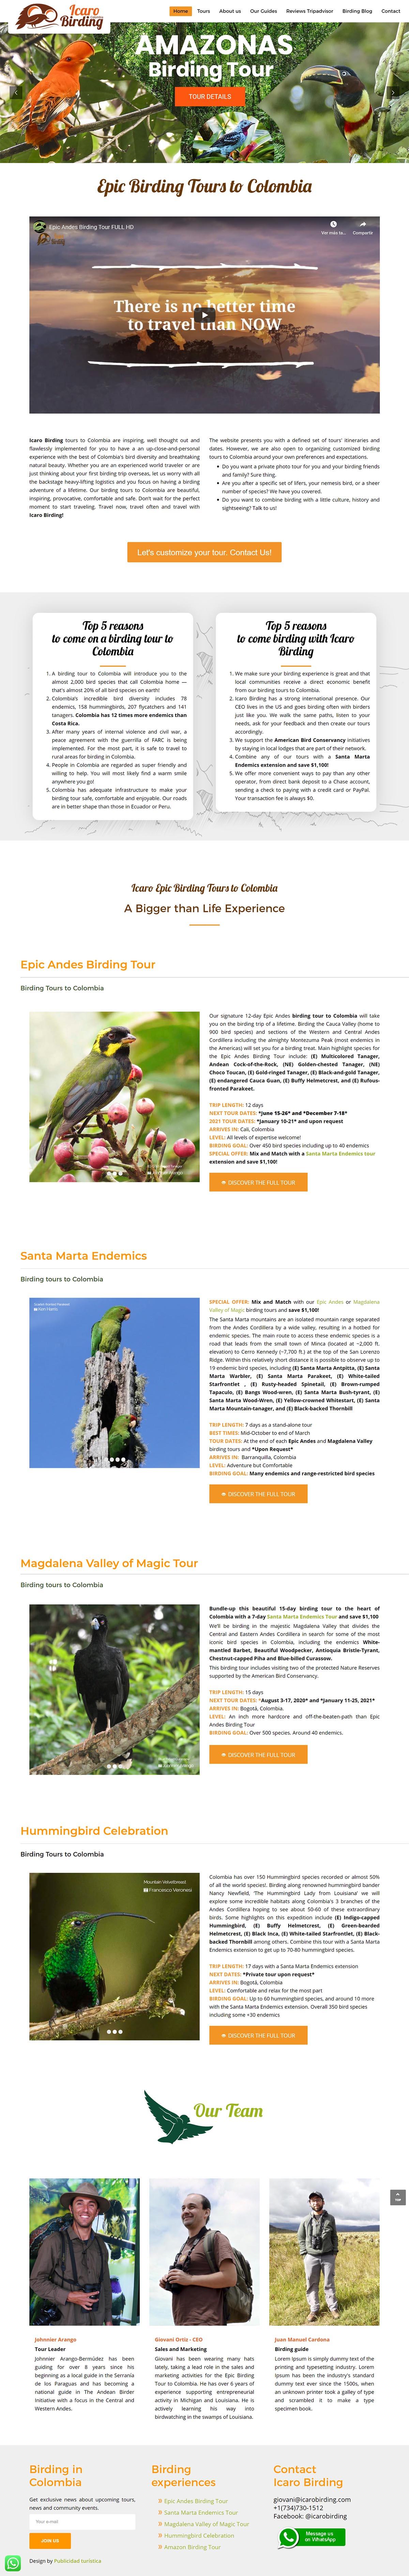 sitios web de turismo en colombia